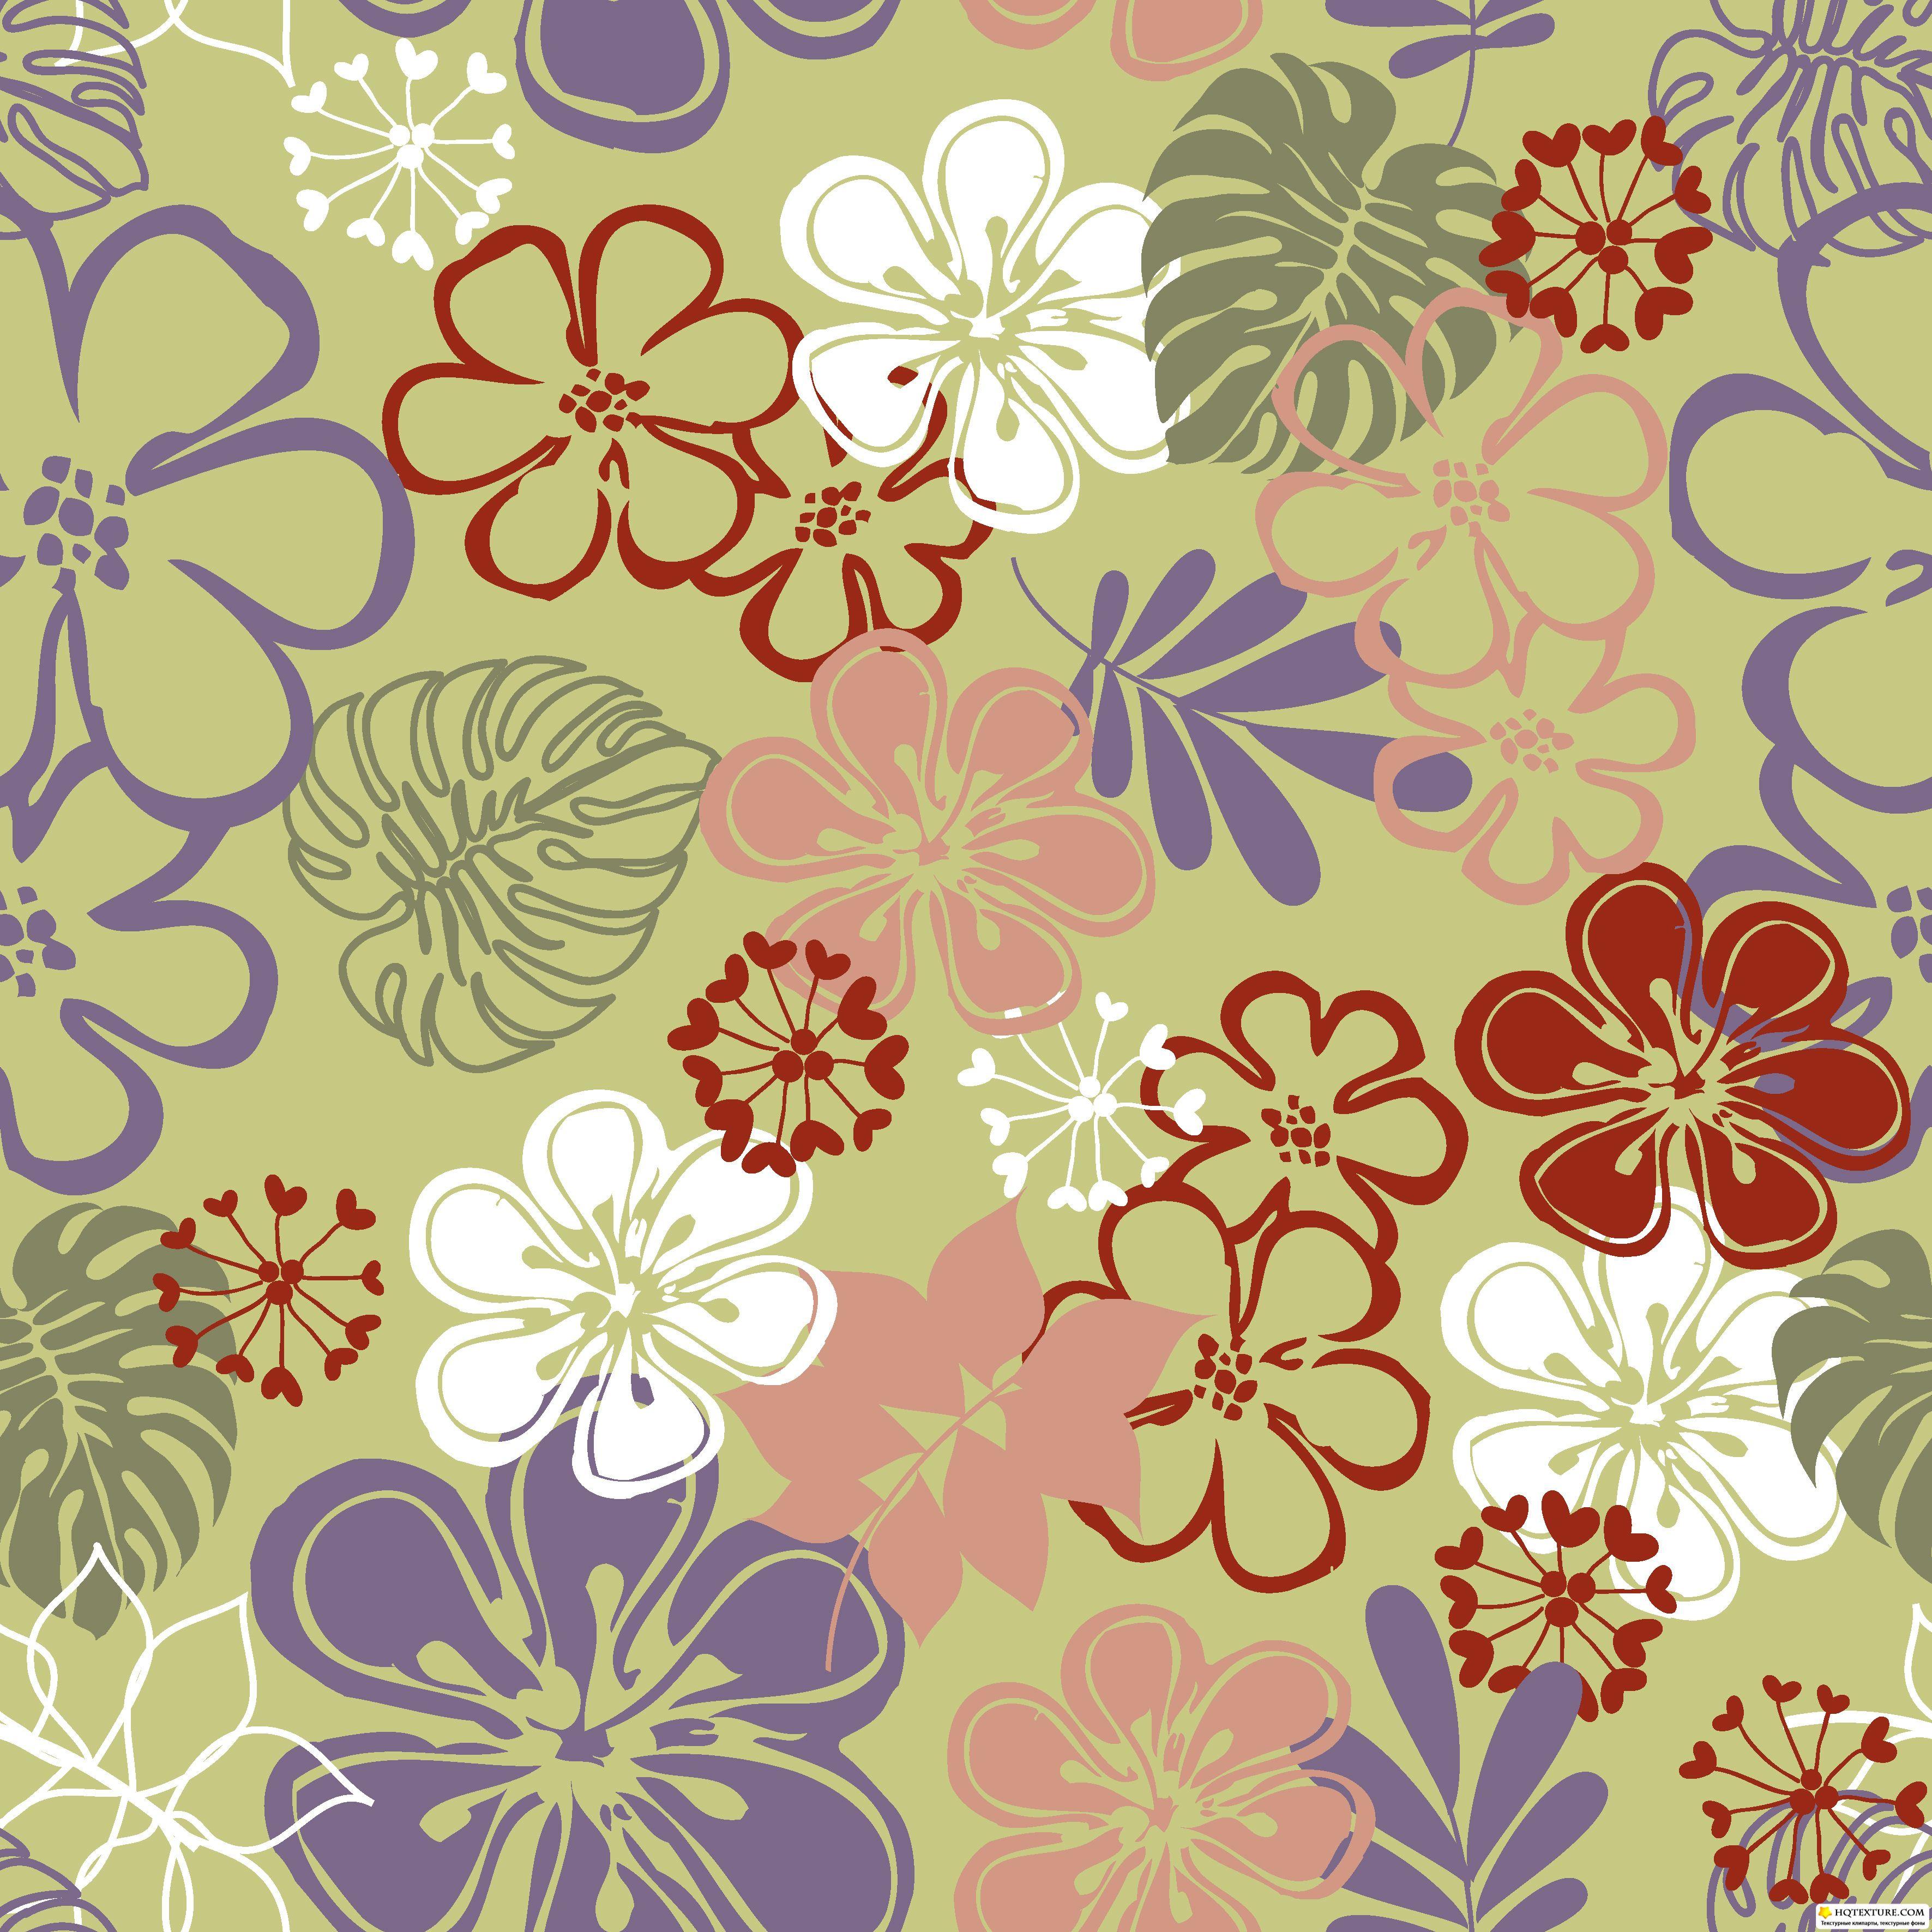 116 2: Floral Backgrounds 116 » Векторные клипарты, текстурные